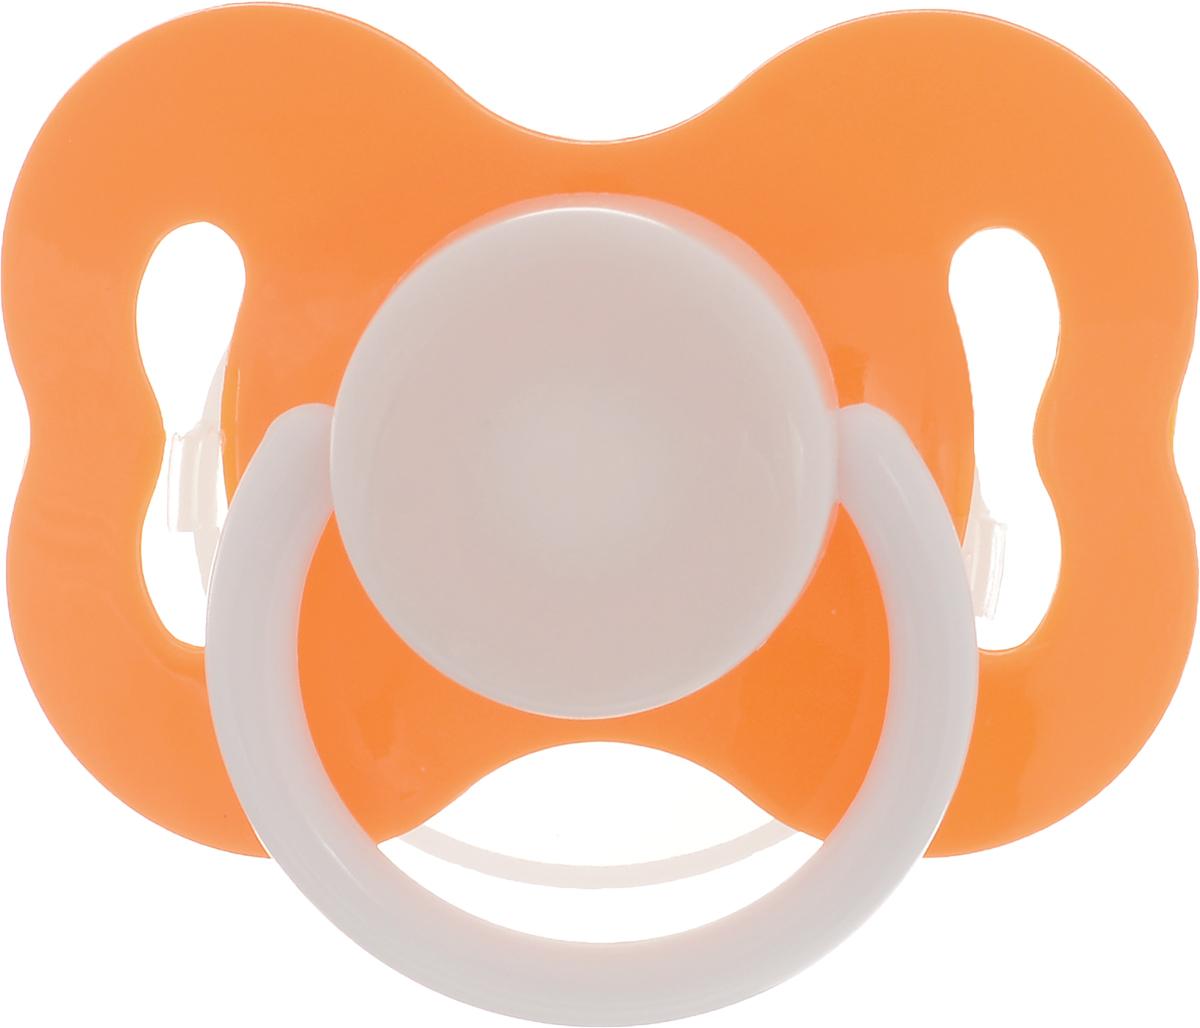 Lubby Соска-пустышка силиконовая с рельефной поверхностью от 3 месяцев цвет оранжевый 4640 lubby